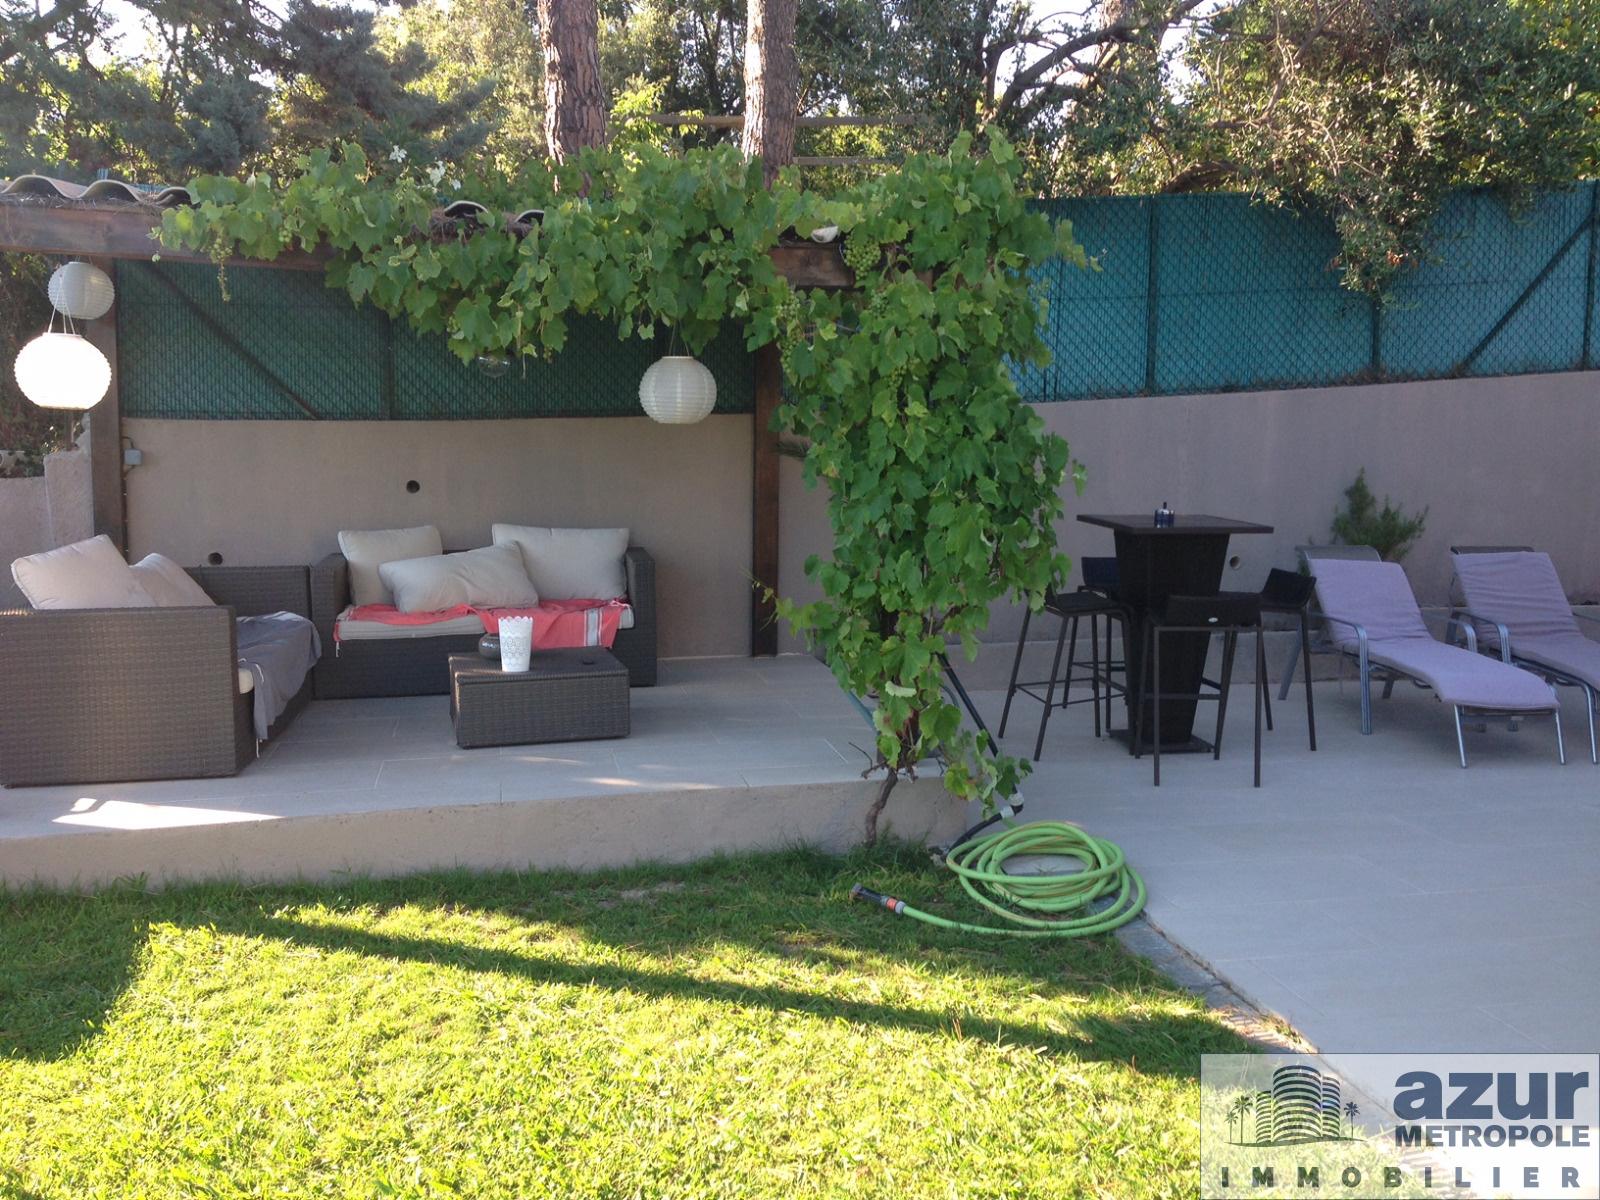 Offres de vente Maison / Villa Nice 06100